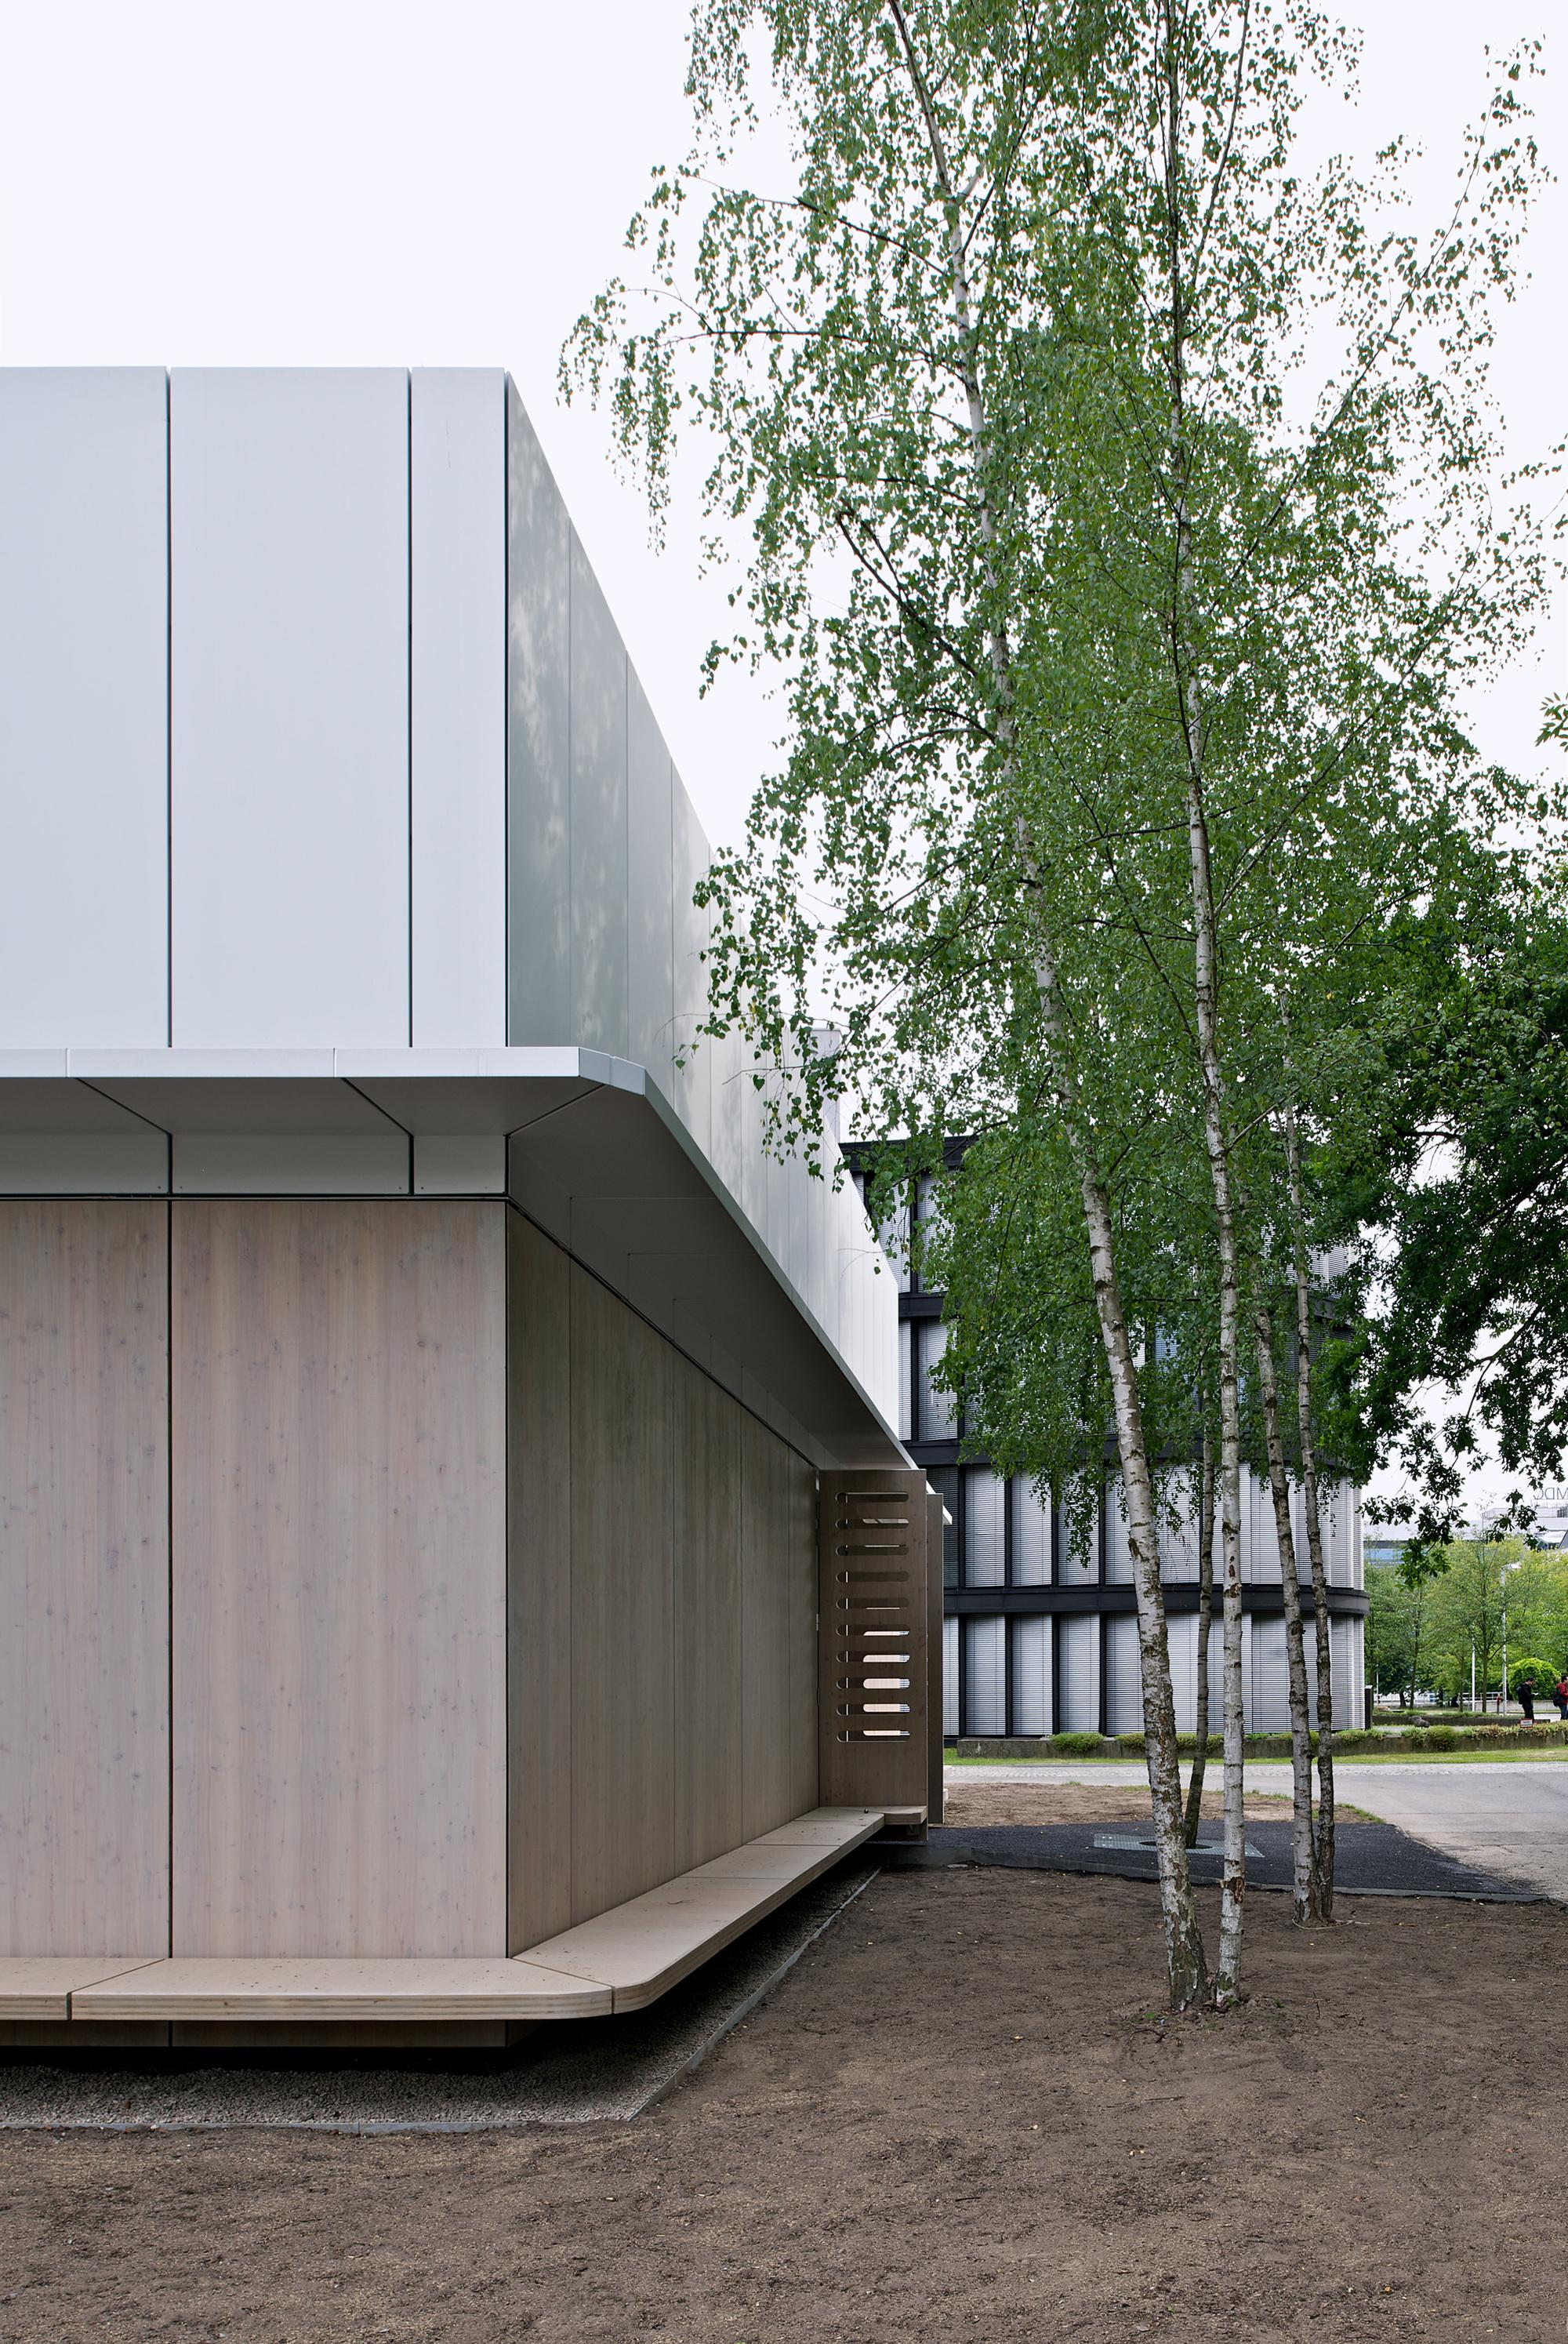 gallery of biobank heide von beckerath 1. Black Bedroom Furniture Sets. Home Design Ideas